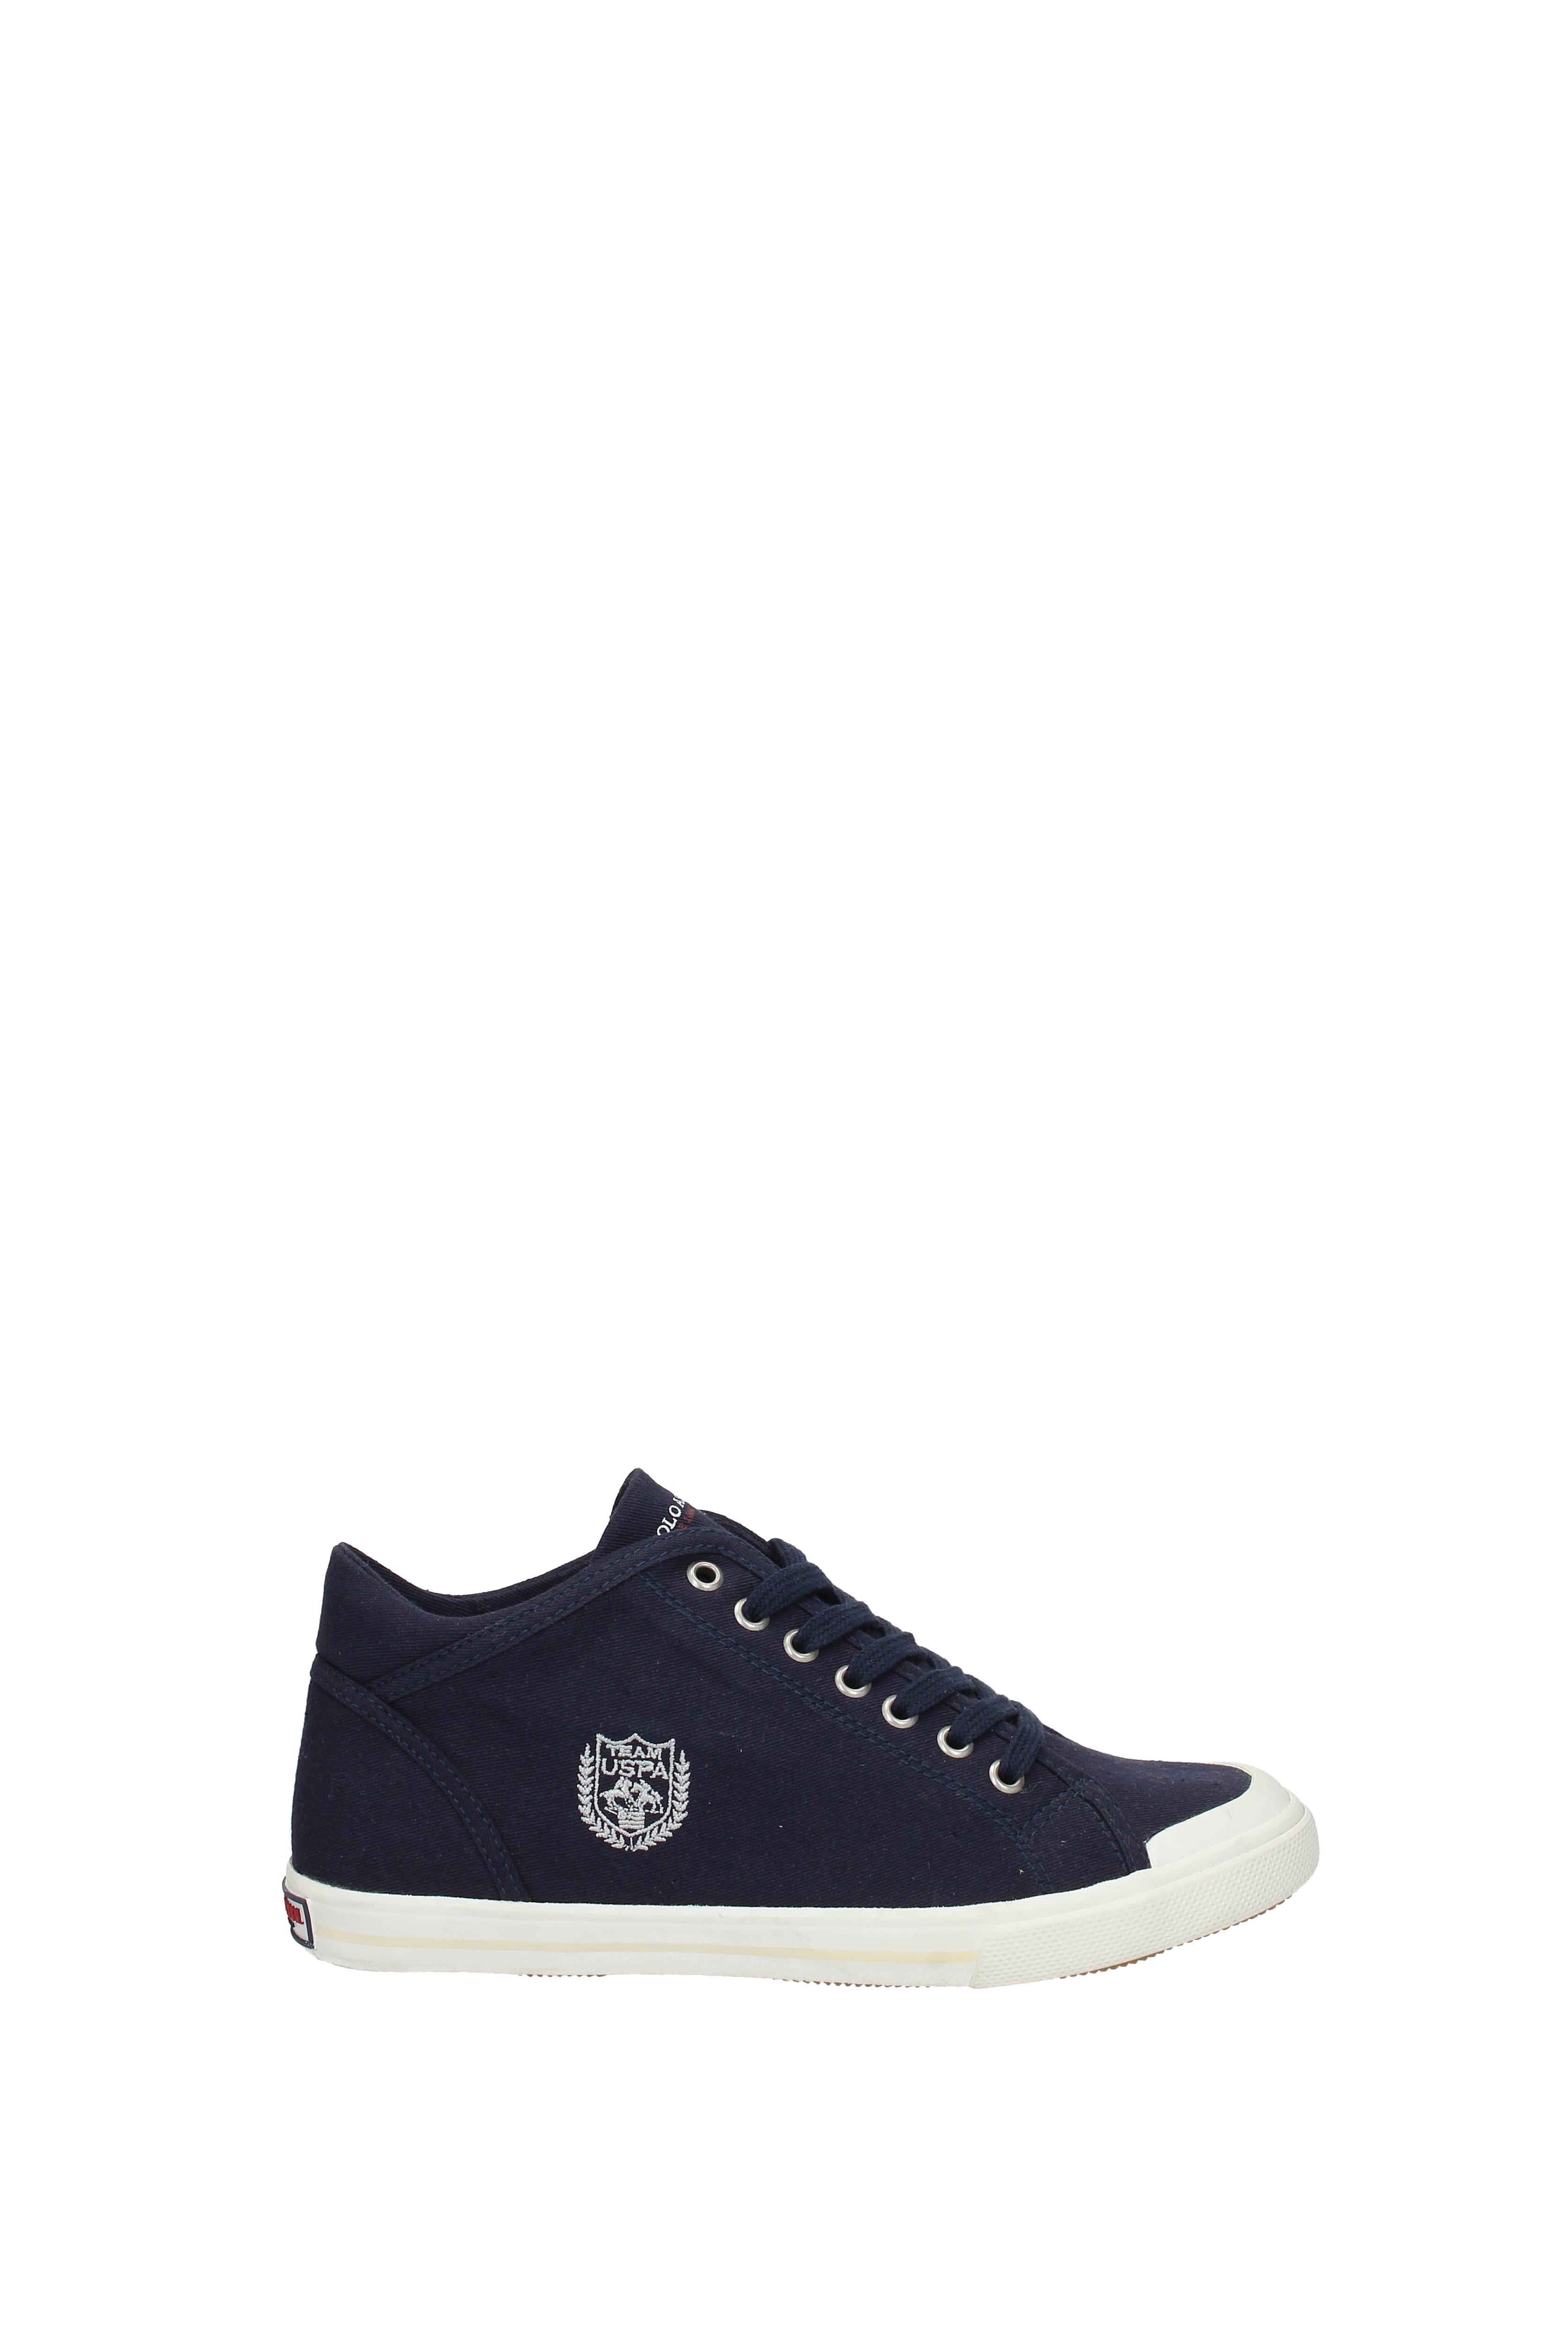 Sneakers U.S. Polo Assn. Damenschuhe Damenschuhe Damenschuhe - Tessuto (DYON4191S7C1) 4e09b7